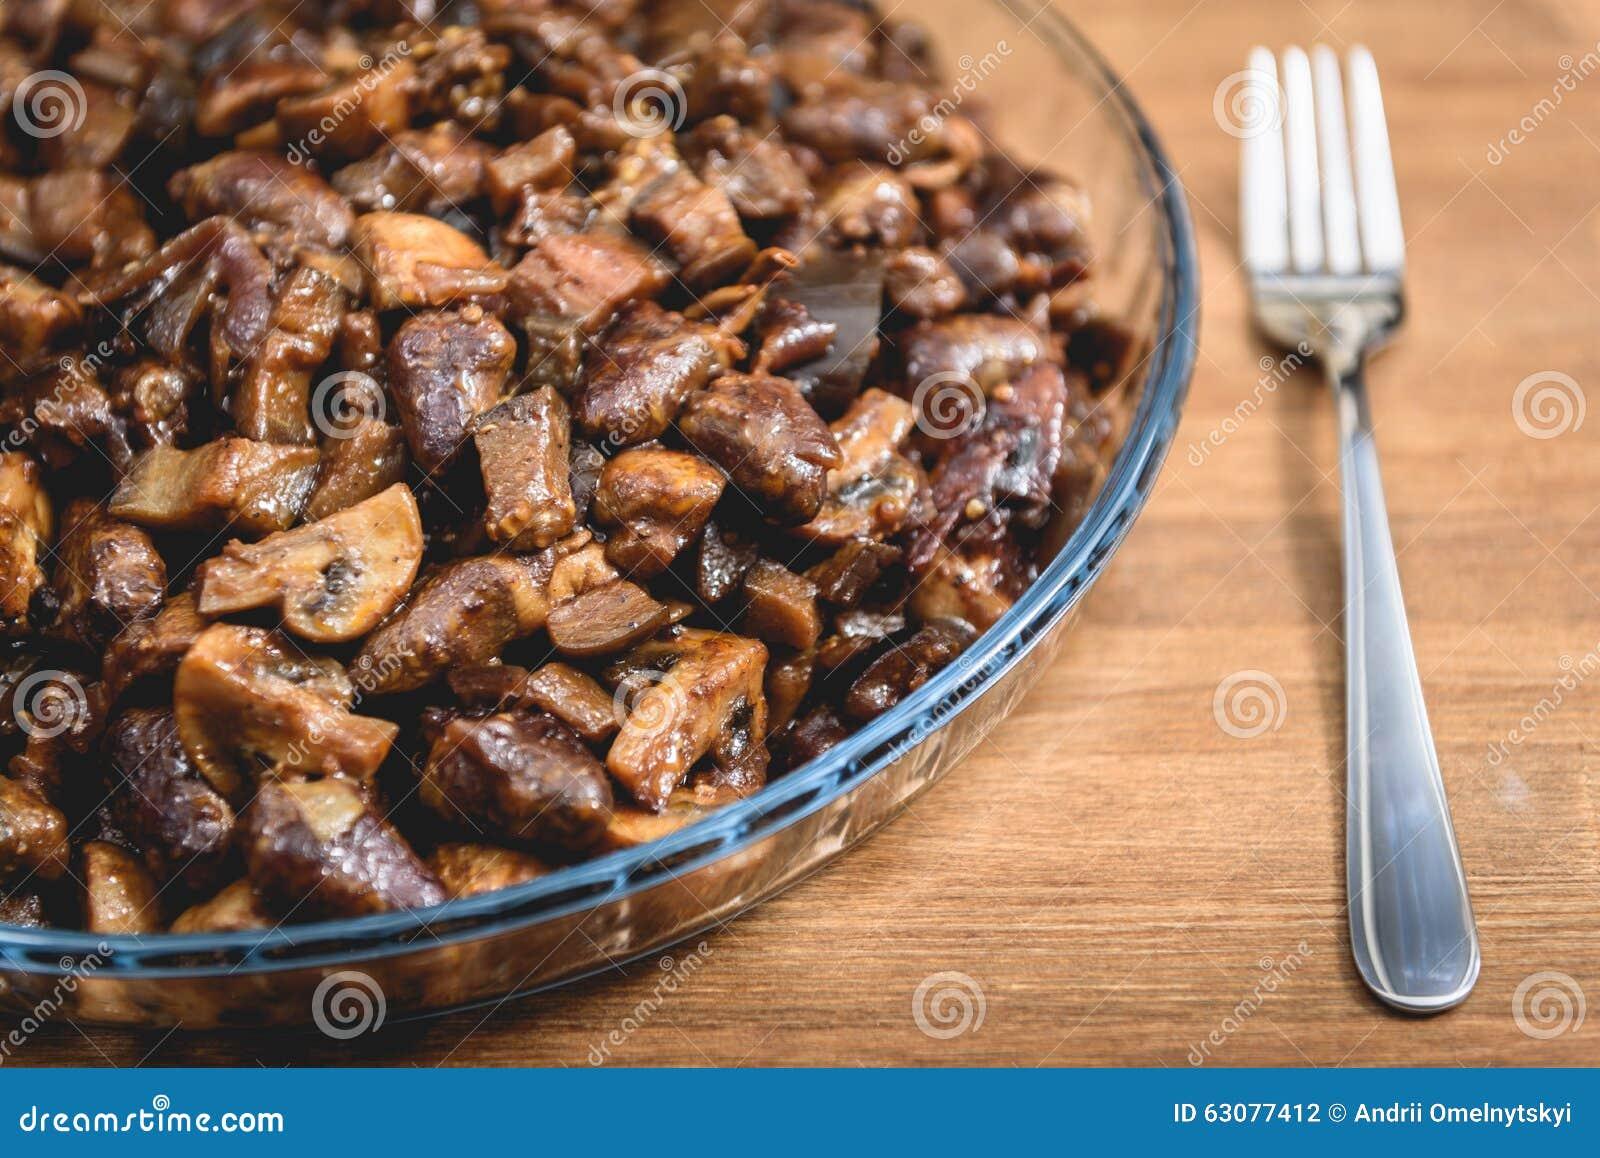 Download Ragoût végétal chaud photo stock. Image du fourchette - 63077412